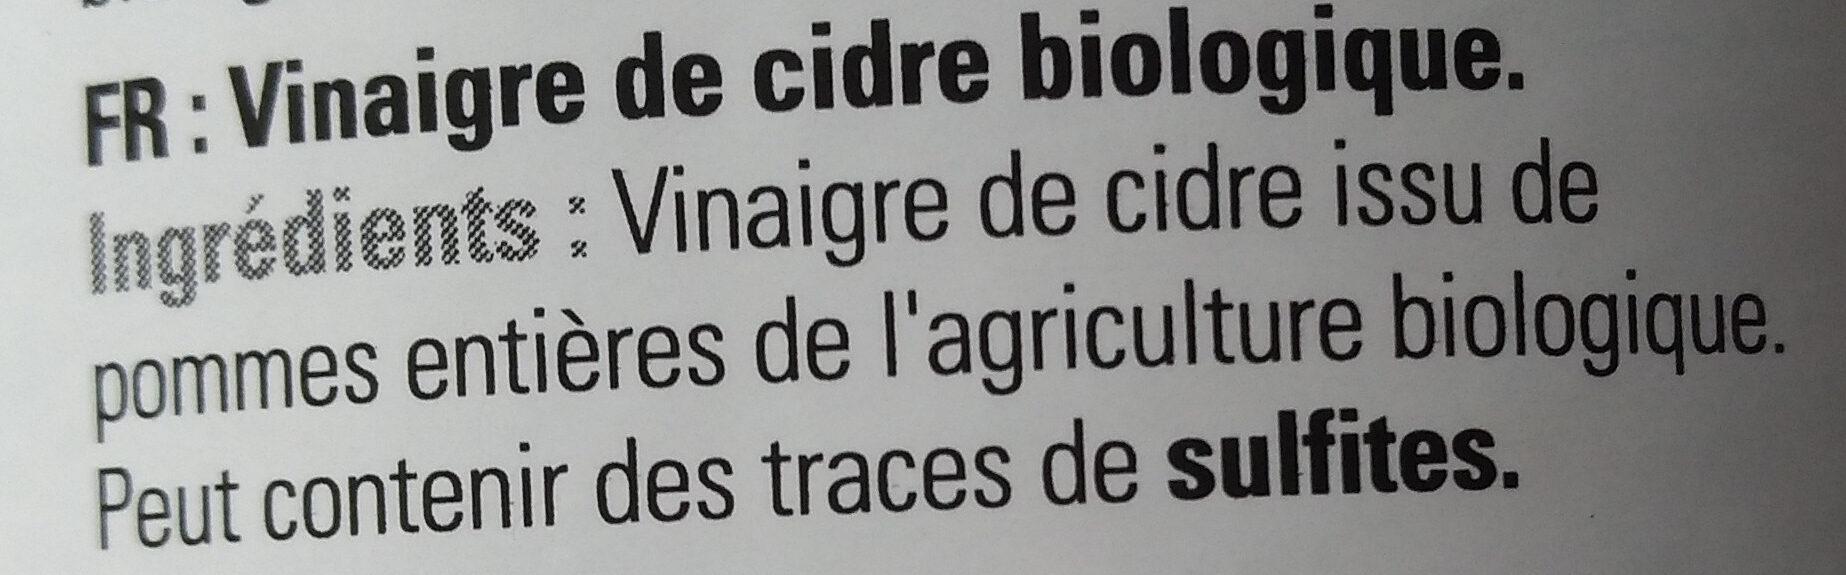 Vinaigre de cidre bio - Ingrédients - fr